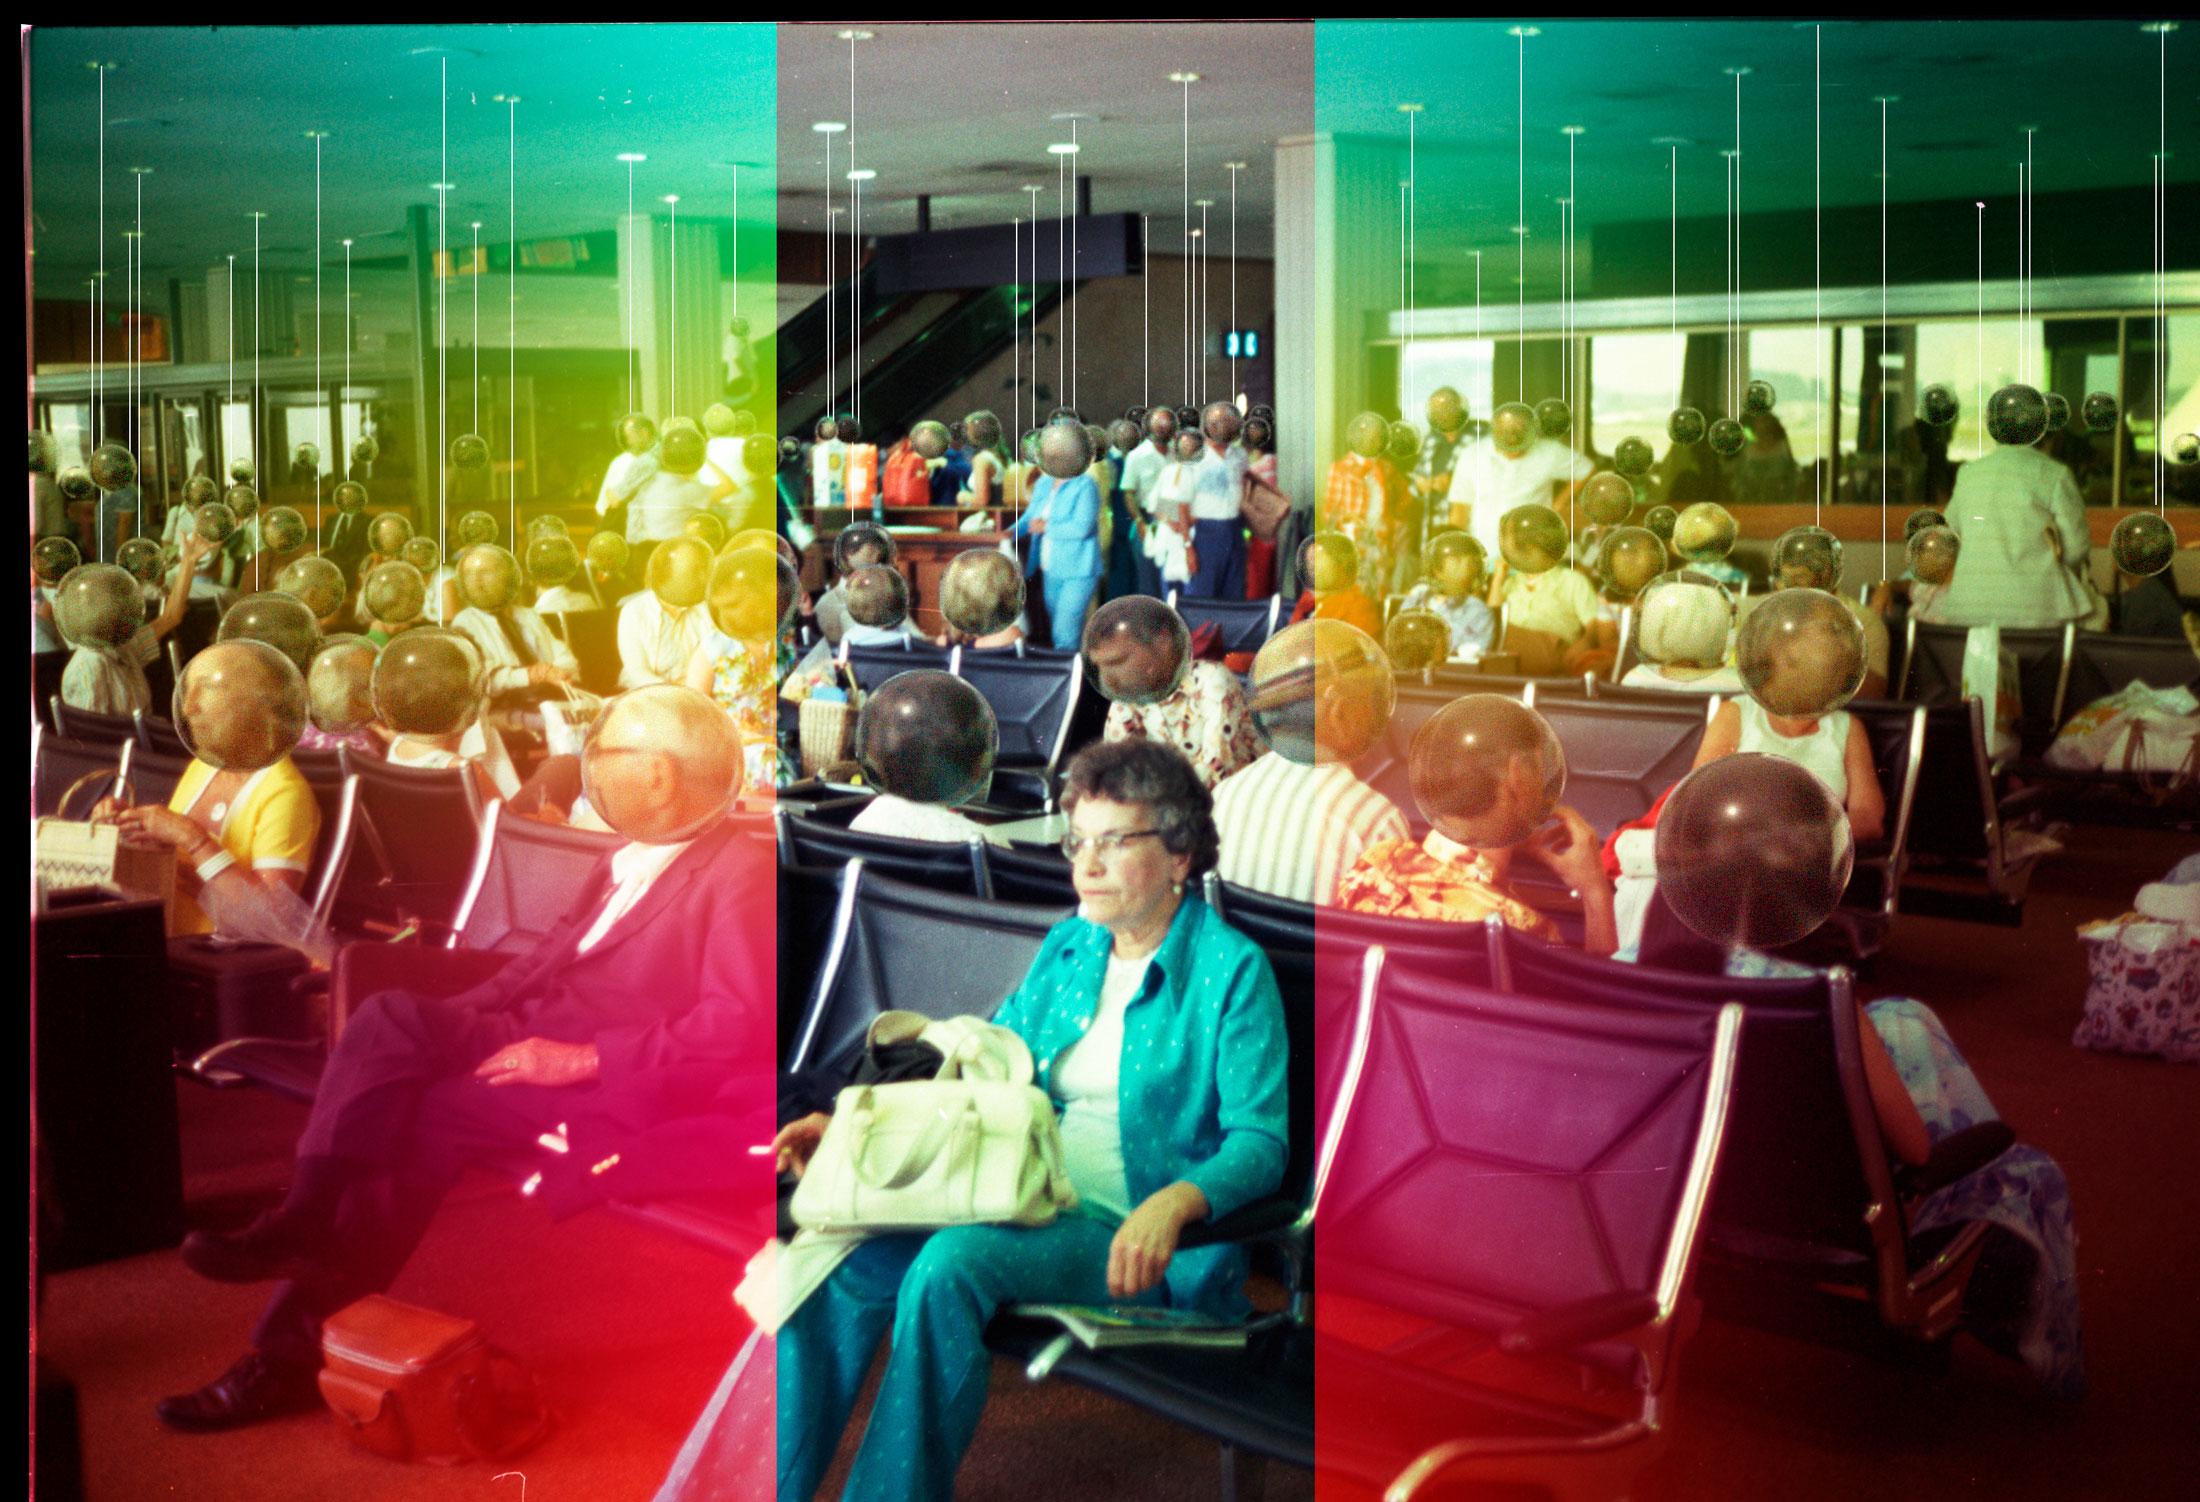 airport_ashleigh_raizes.jpg